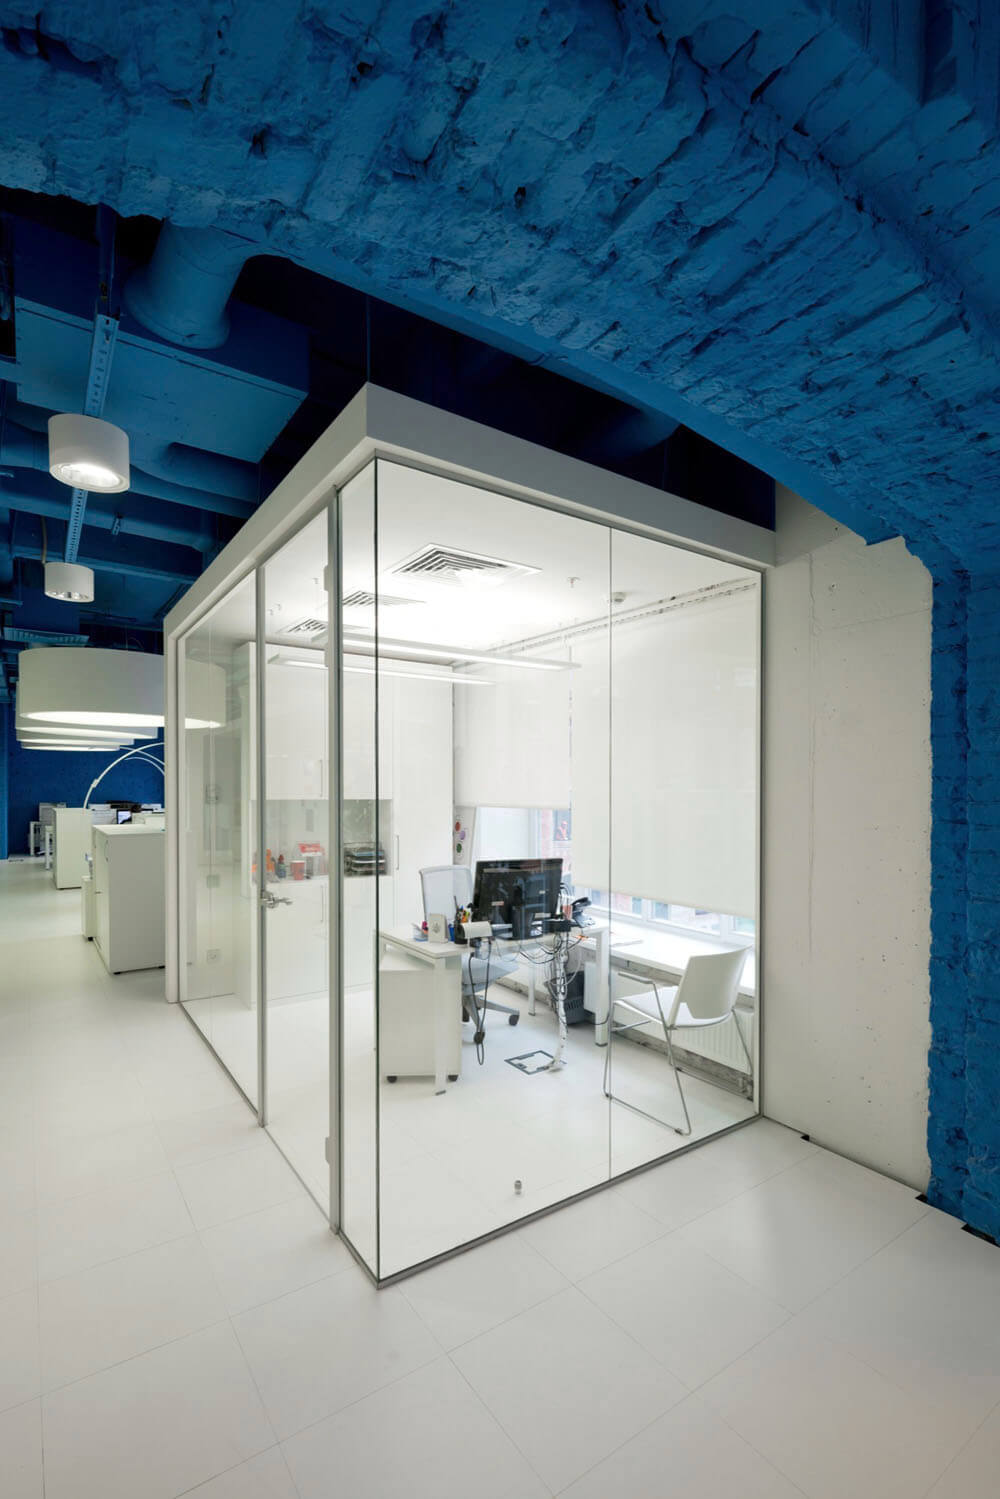 Креативное оформление офиса синий потолок, белые балки и пол, стеклянные стены офисов - фото 3